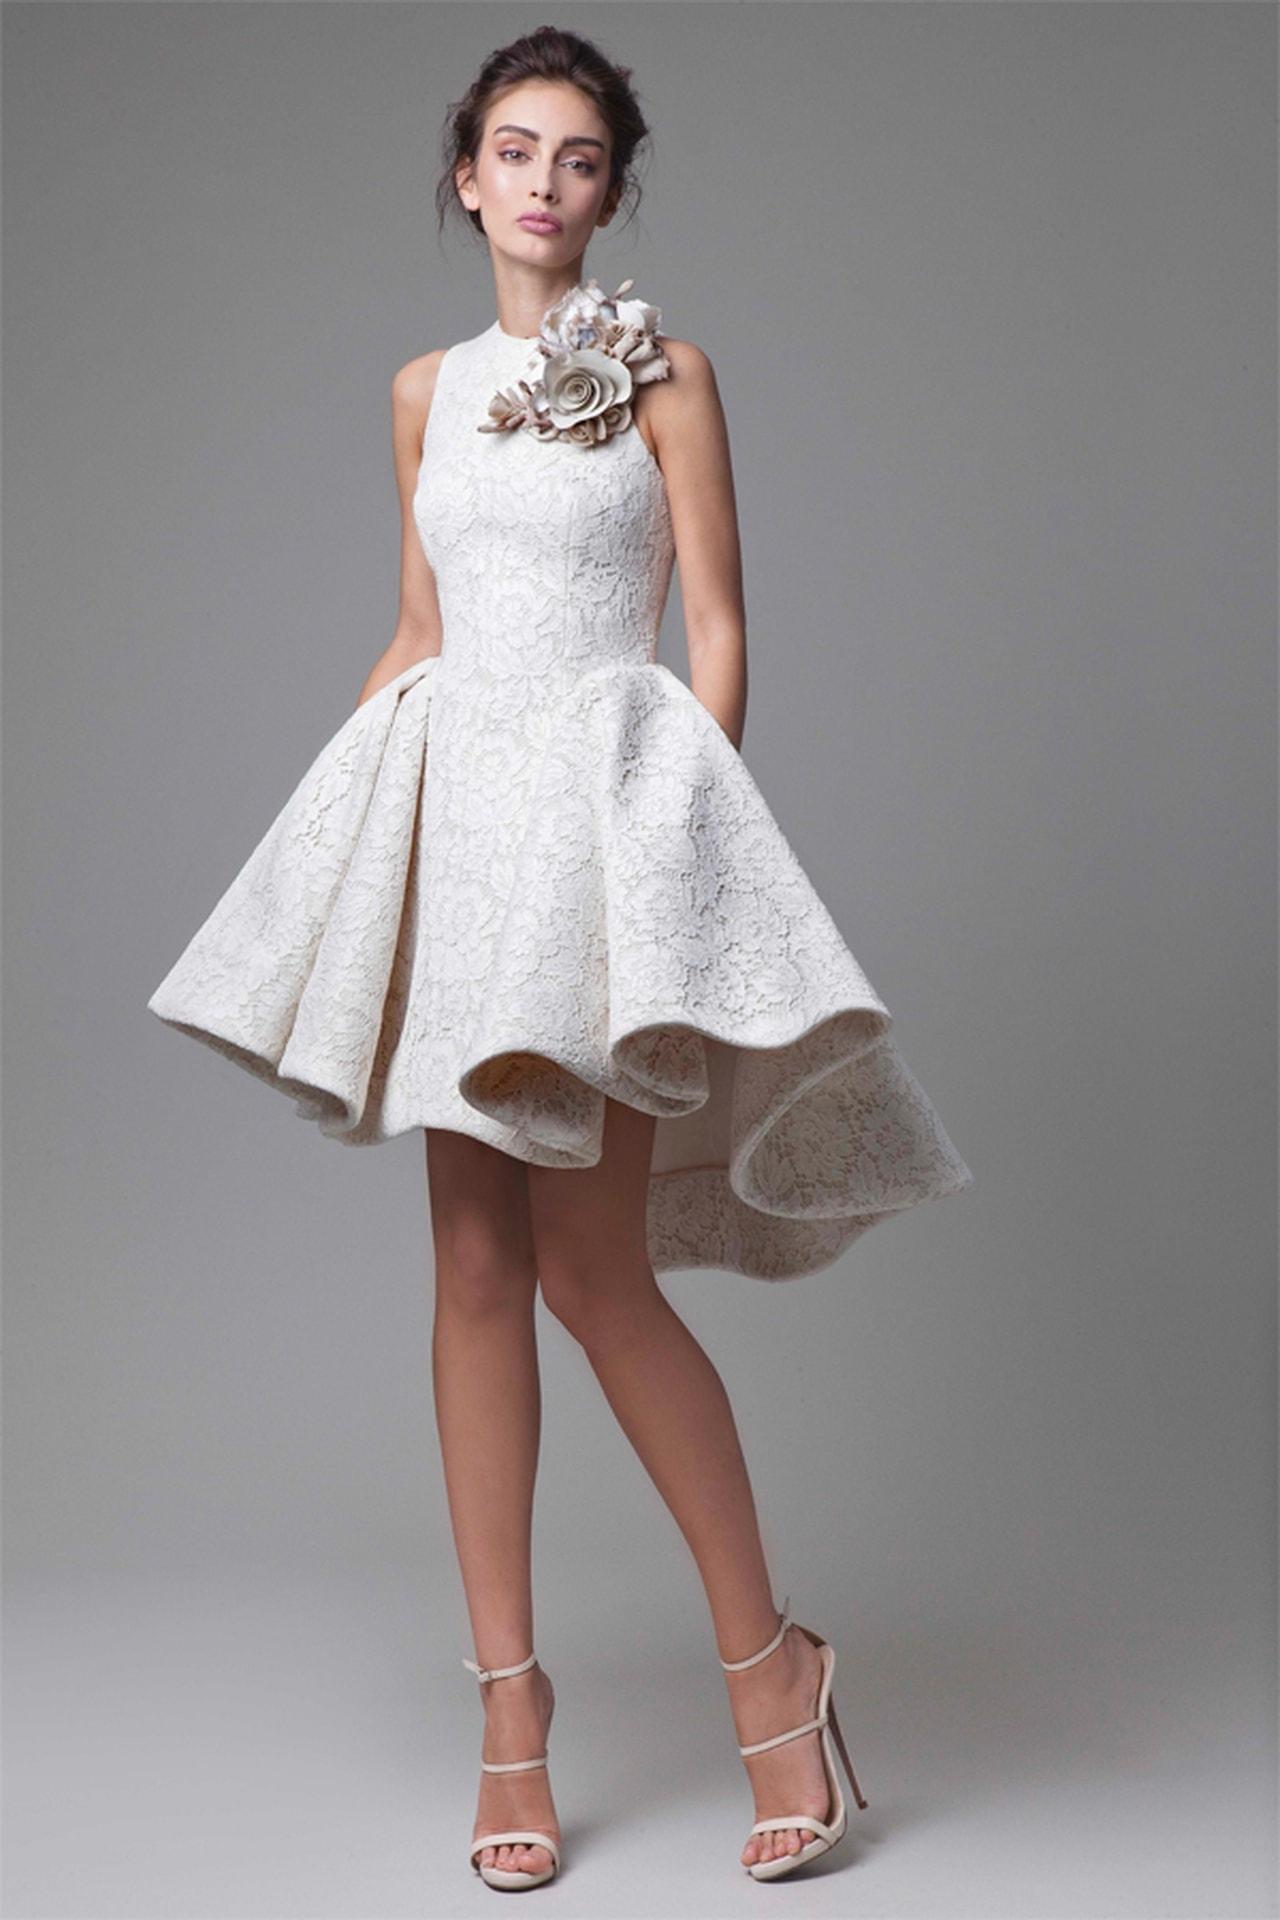 اجمل فساتين سهرة قصيرة موديلات جديدة لفساتين السواريه القصيرة